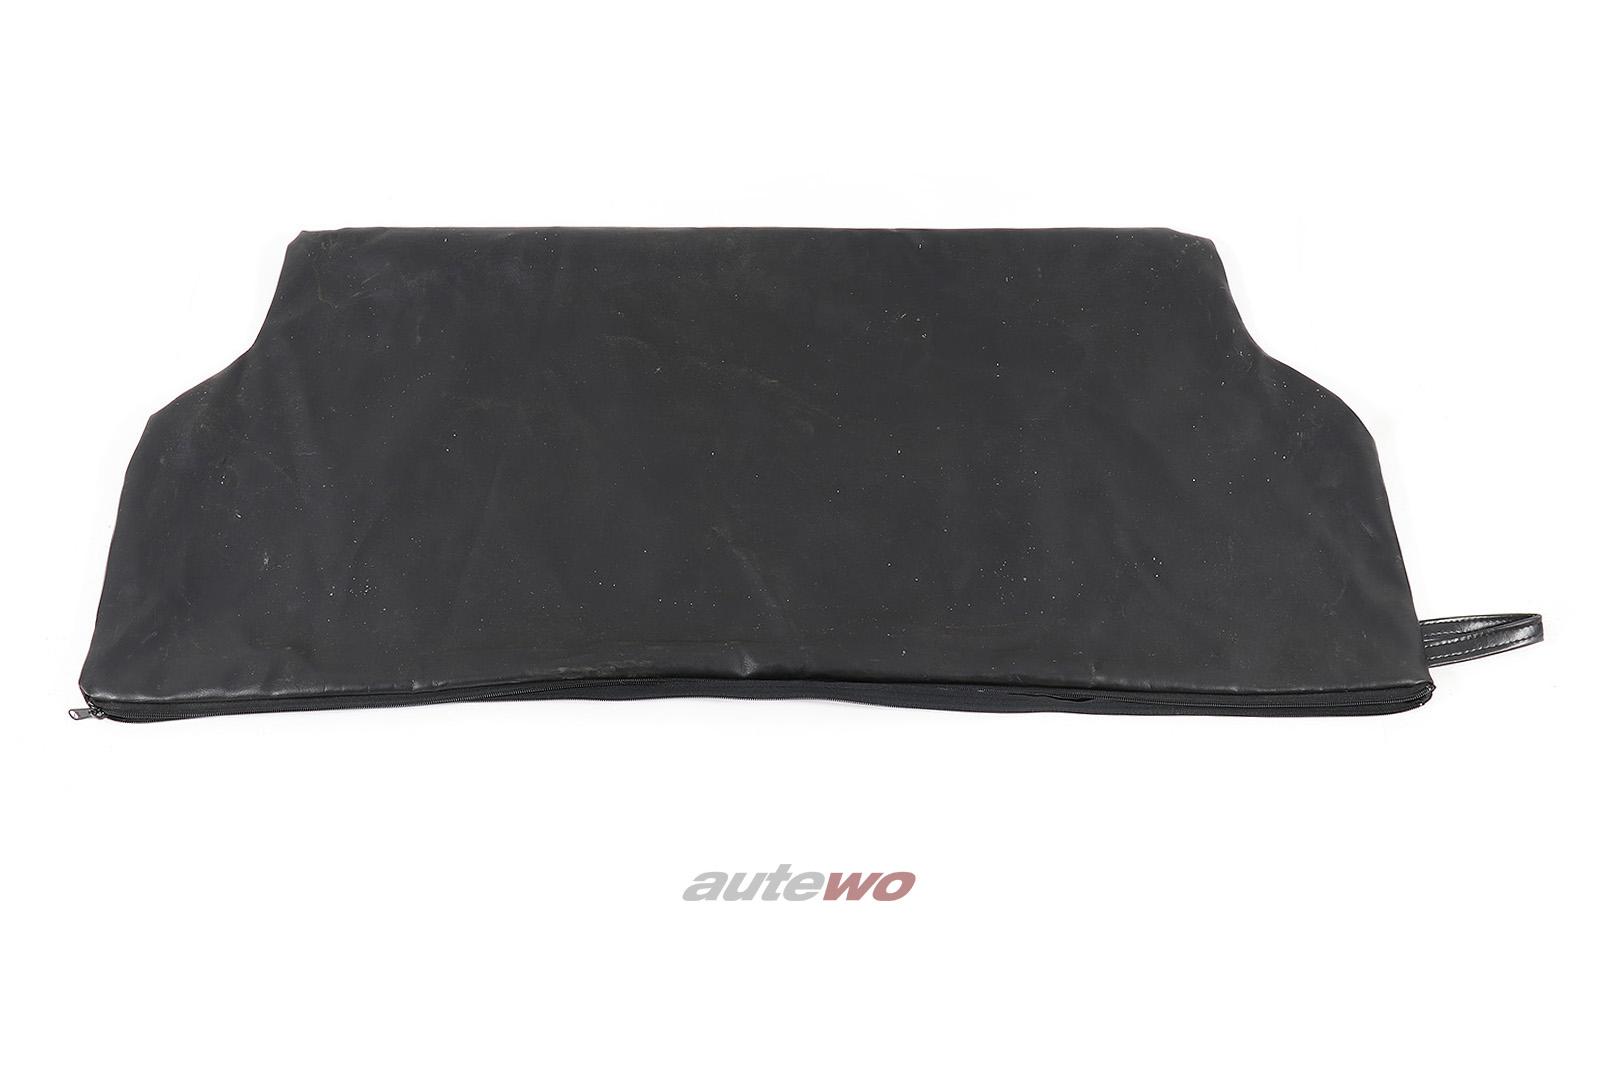 8G0862965 Audi Typ 89 Cabriolet Tasche für Windschott